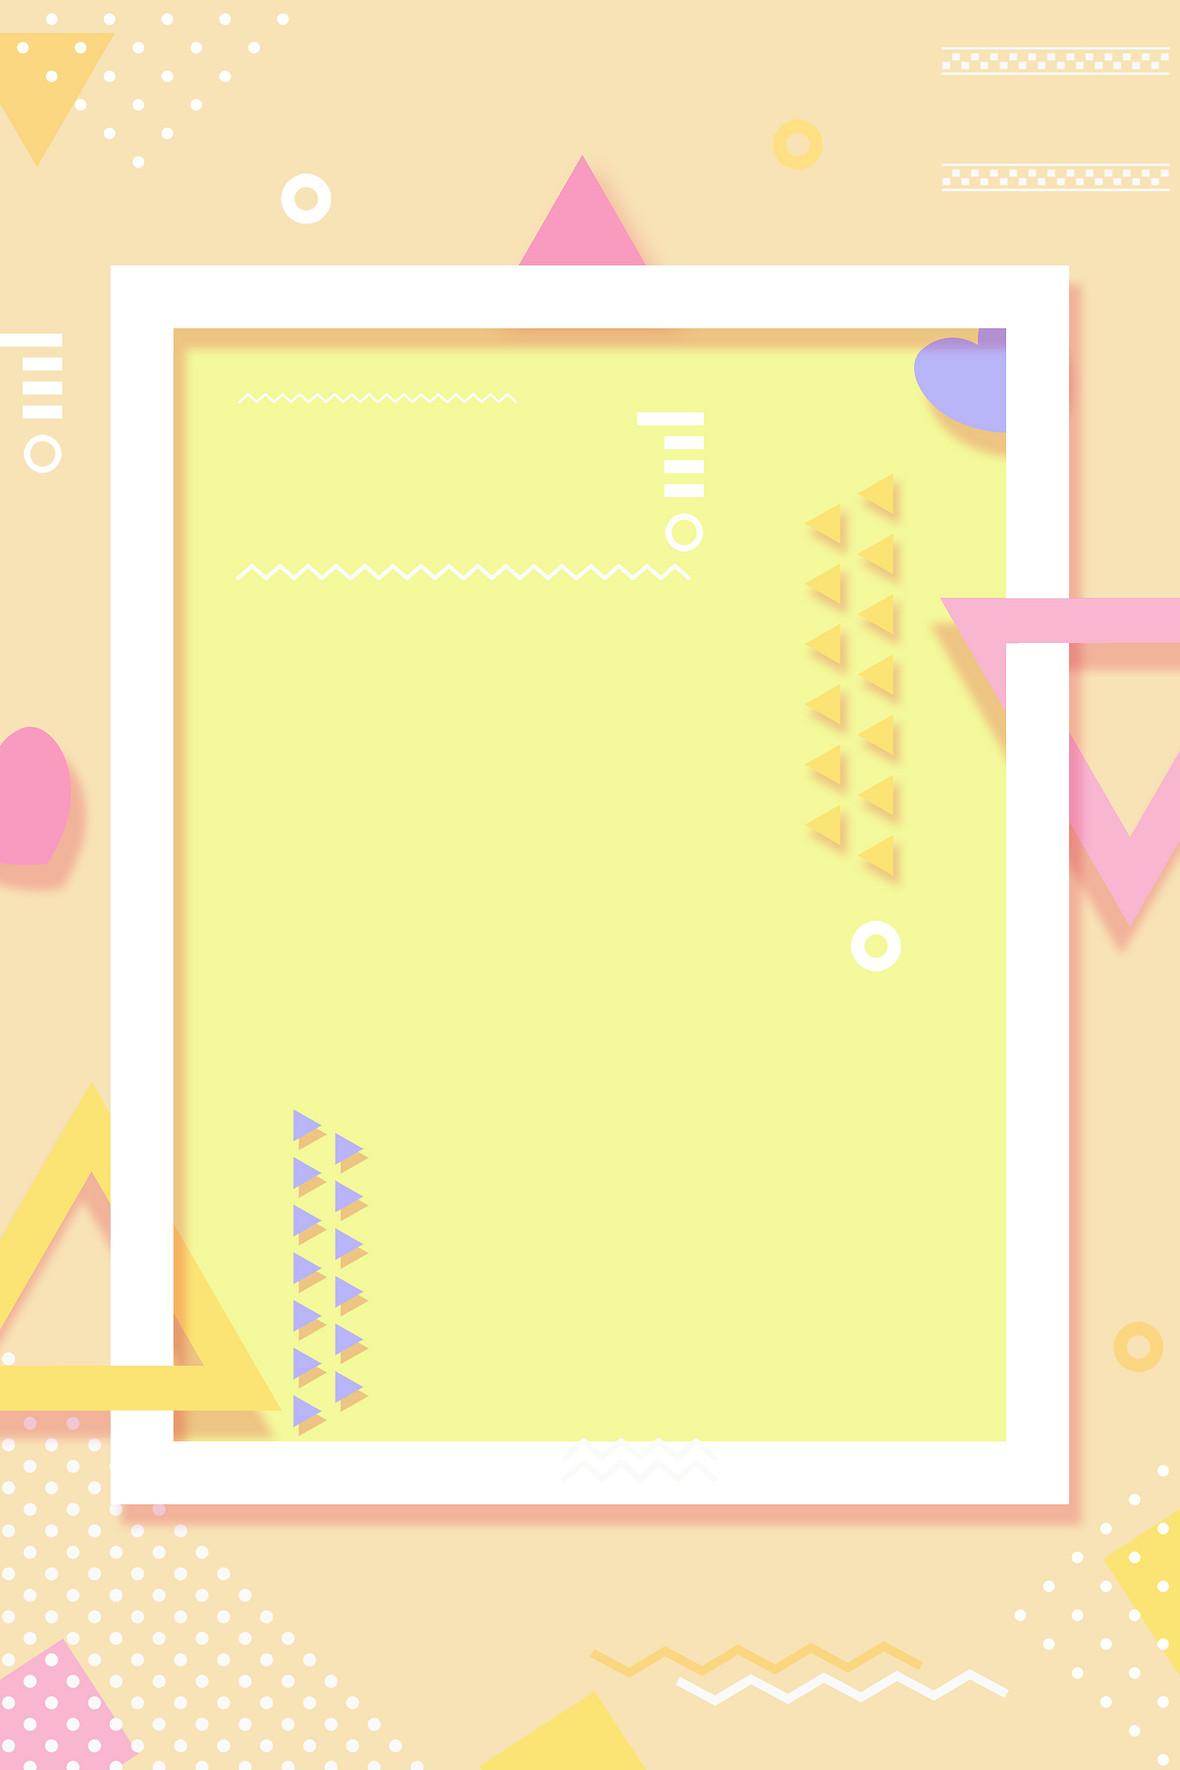 黄色简约几何电商双十一海报背景